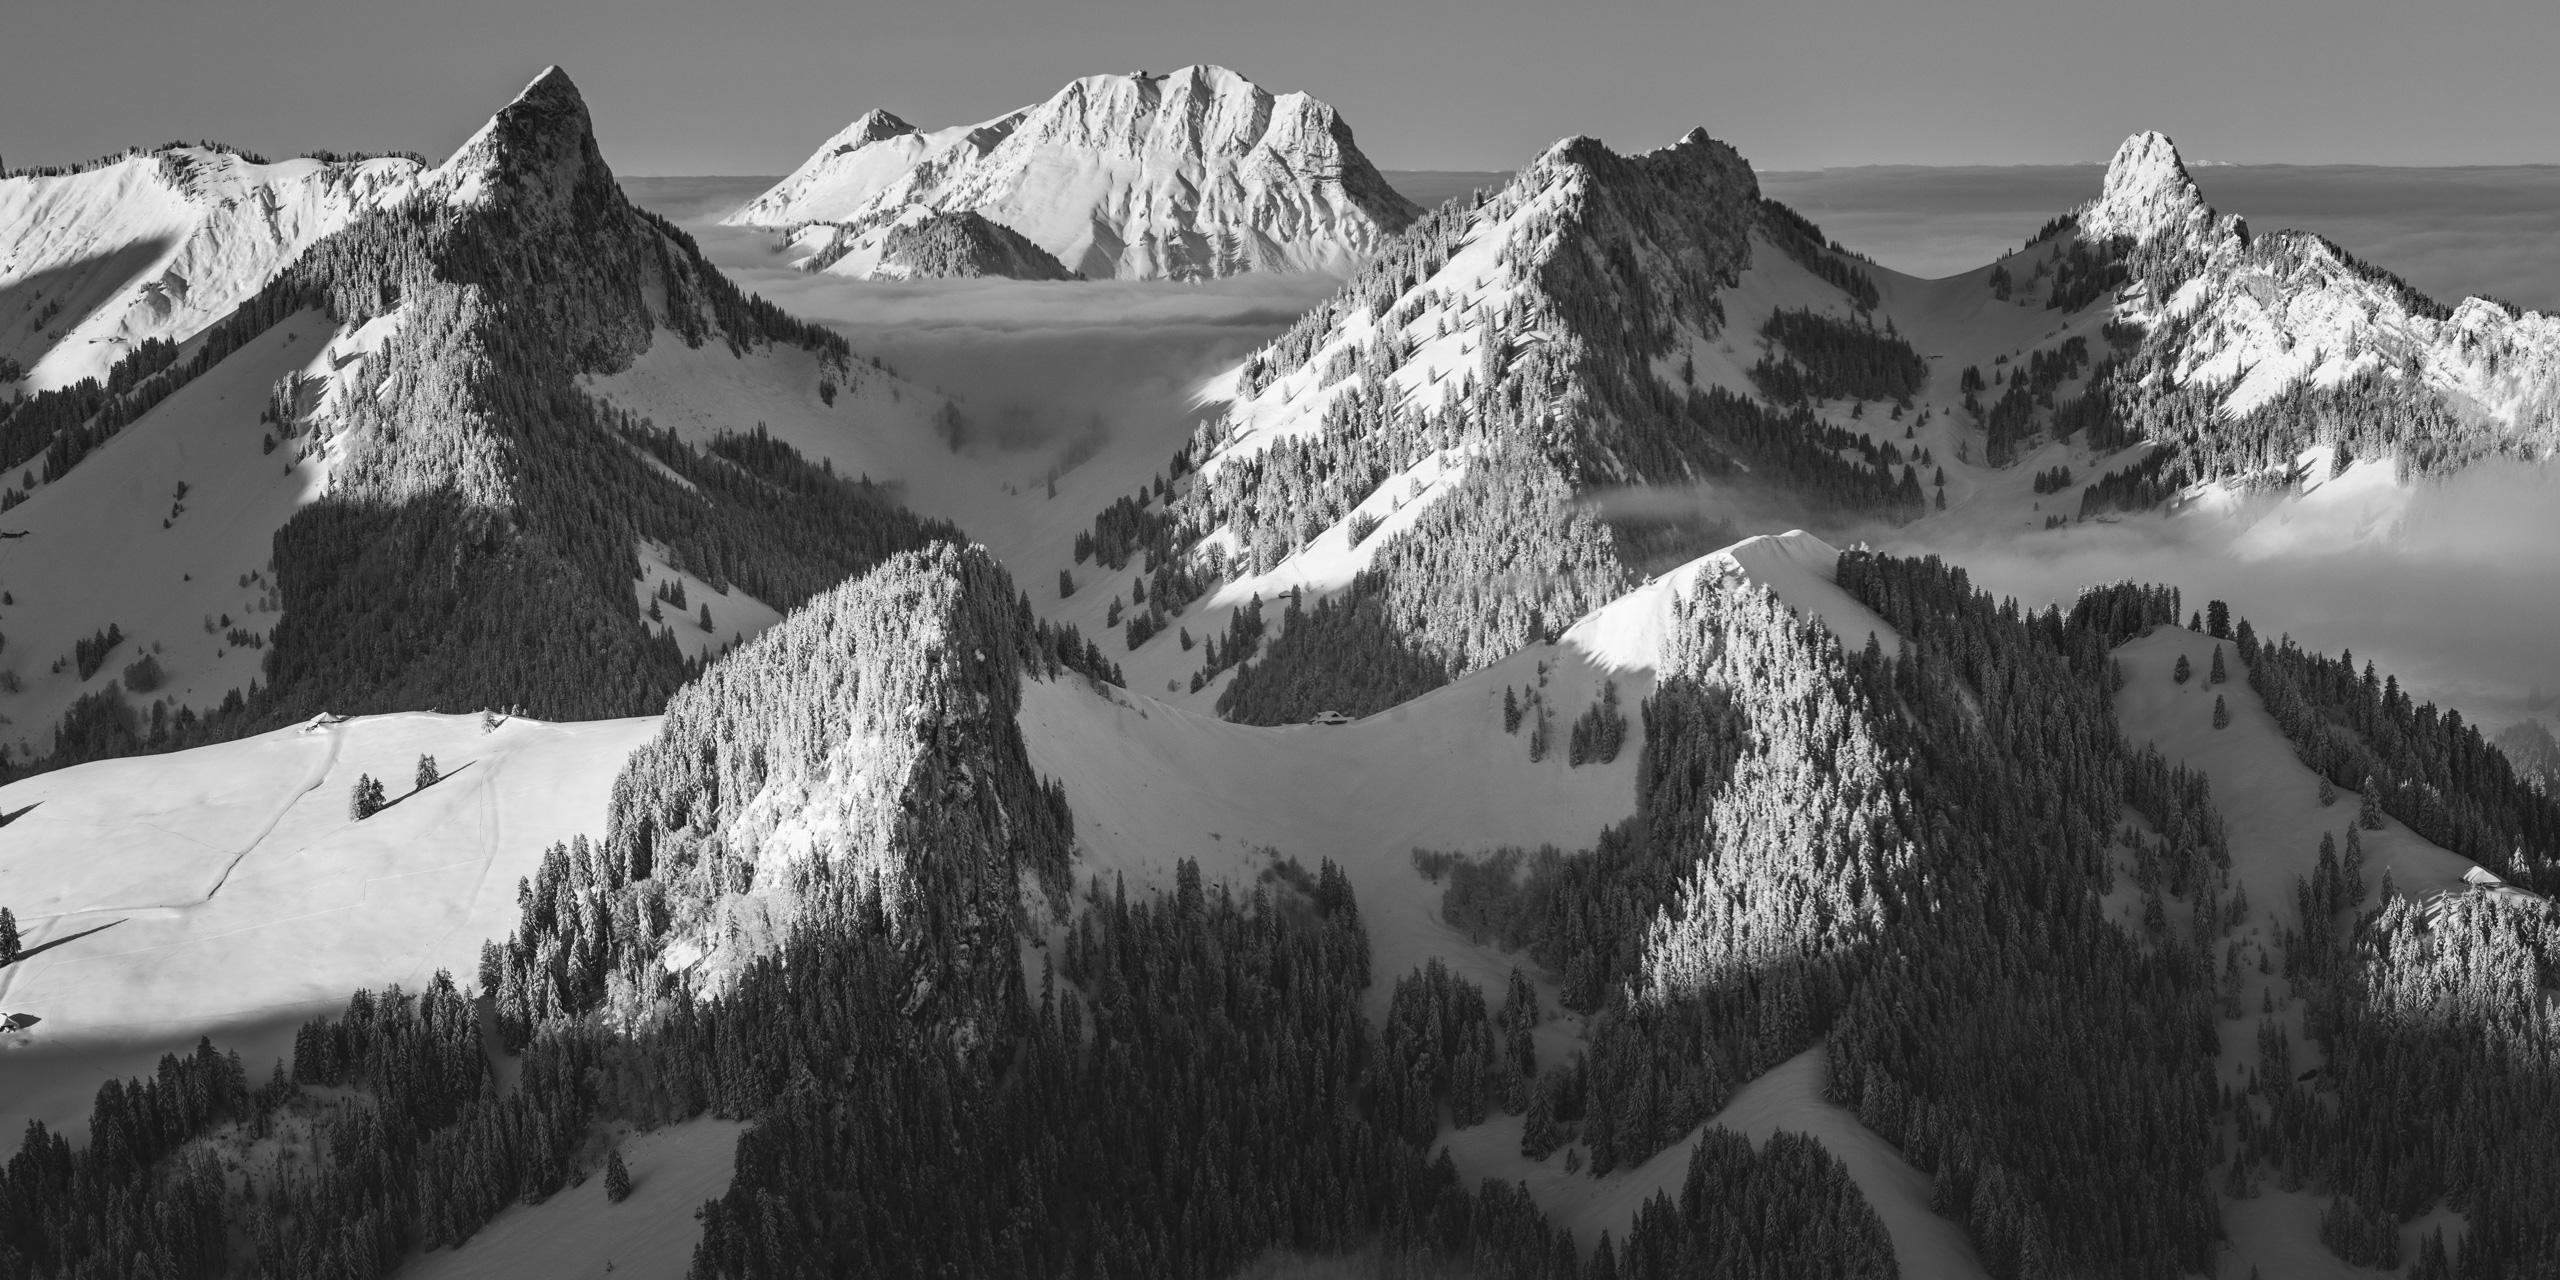 Panaorama noir et blanc des alpes fribourgeoises - Sommets Fribourgeois Dent du Broc Dent du Chamois Dent du Bourgo et le Moleson